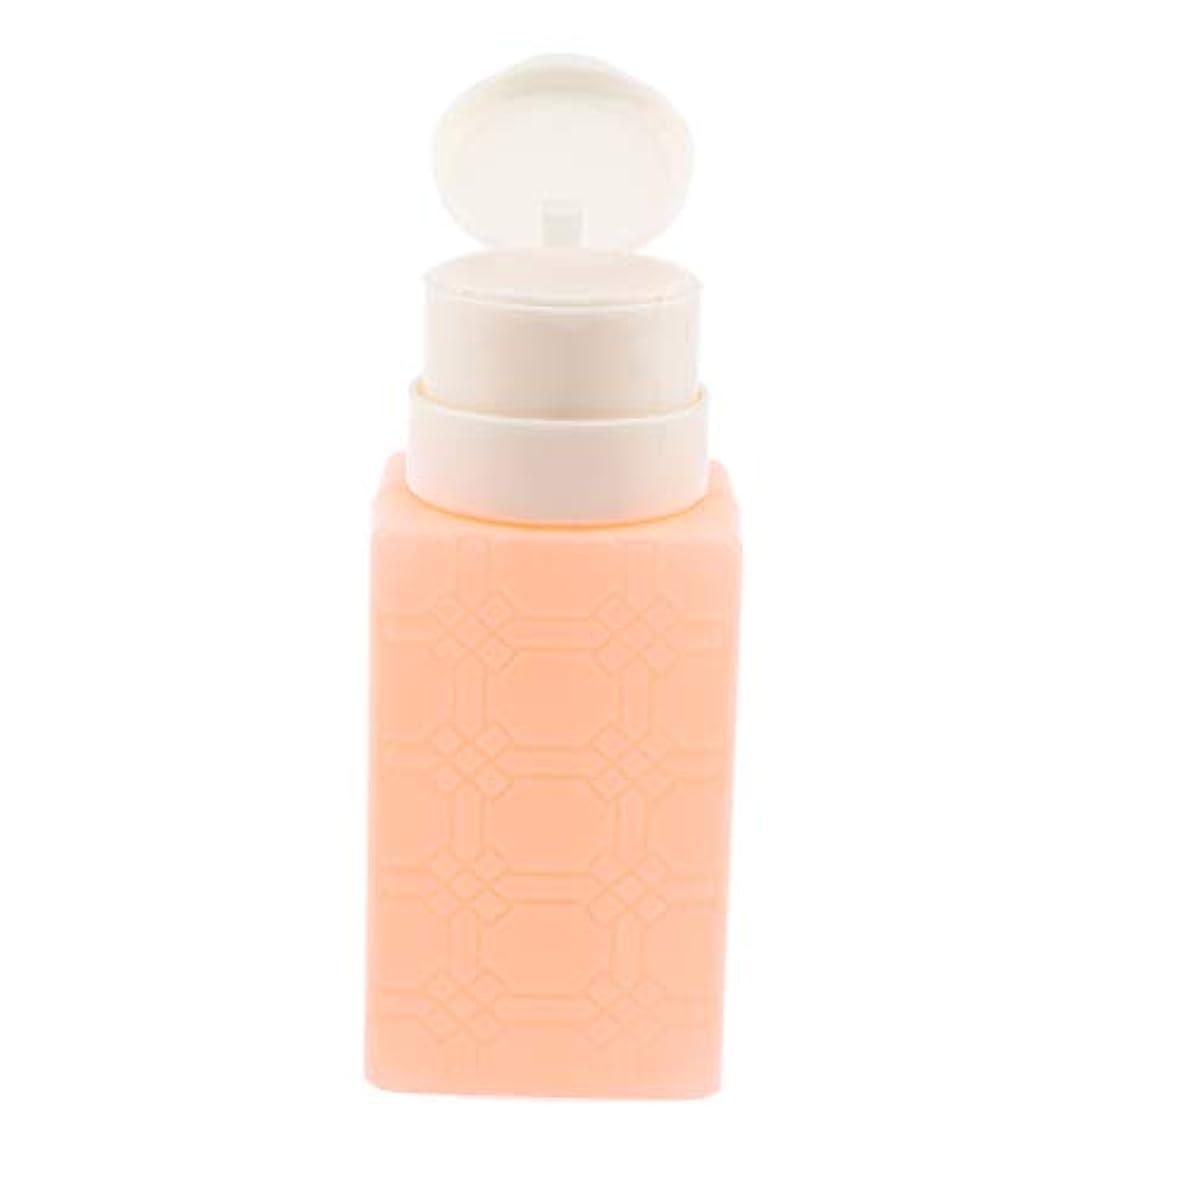 糞在庫寝る200ミリリットルネイルアートのヒント空ディスペンサーアクリルリムーバーポンプボトル - オレンジ